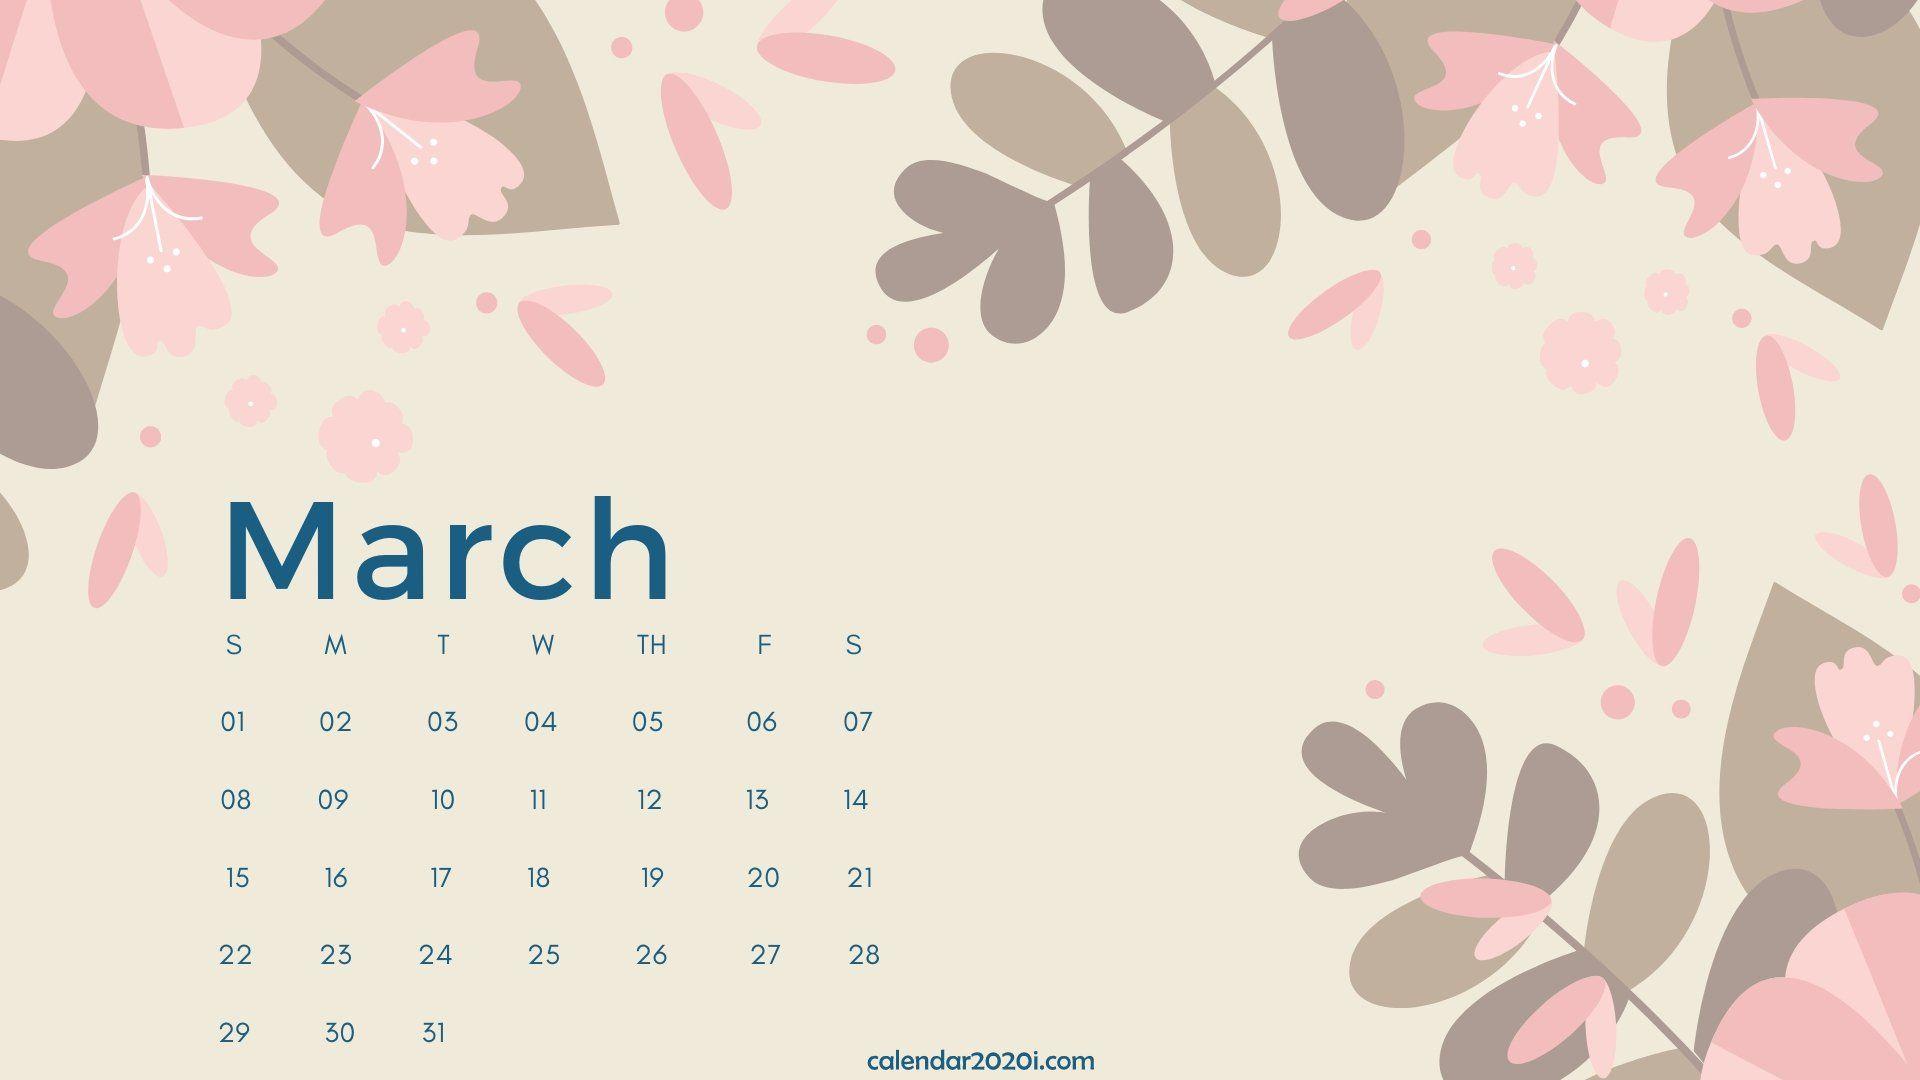 March 2020 Calendar Desktop Wallpaper calendar template 1920x1080